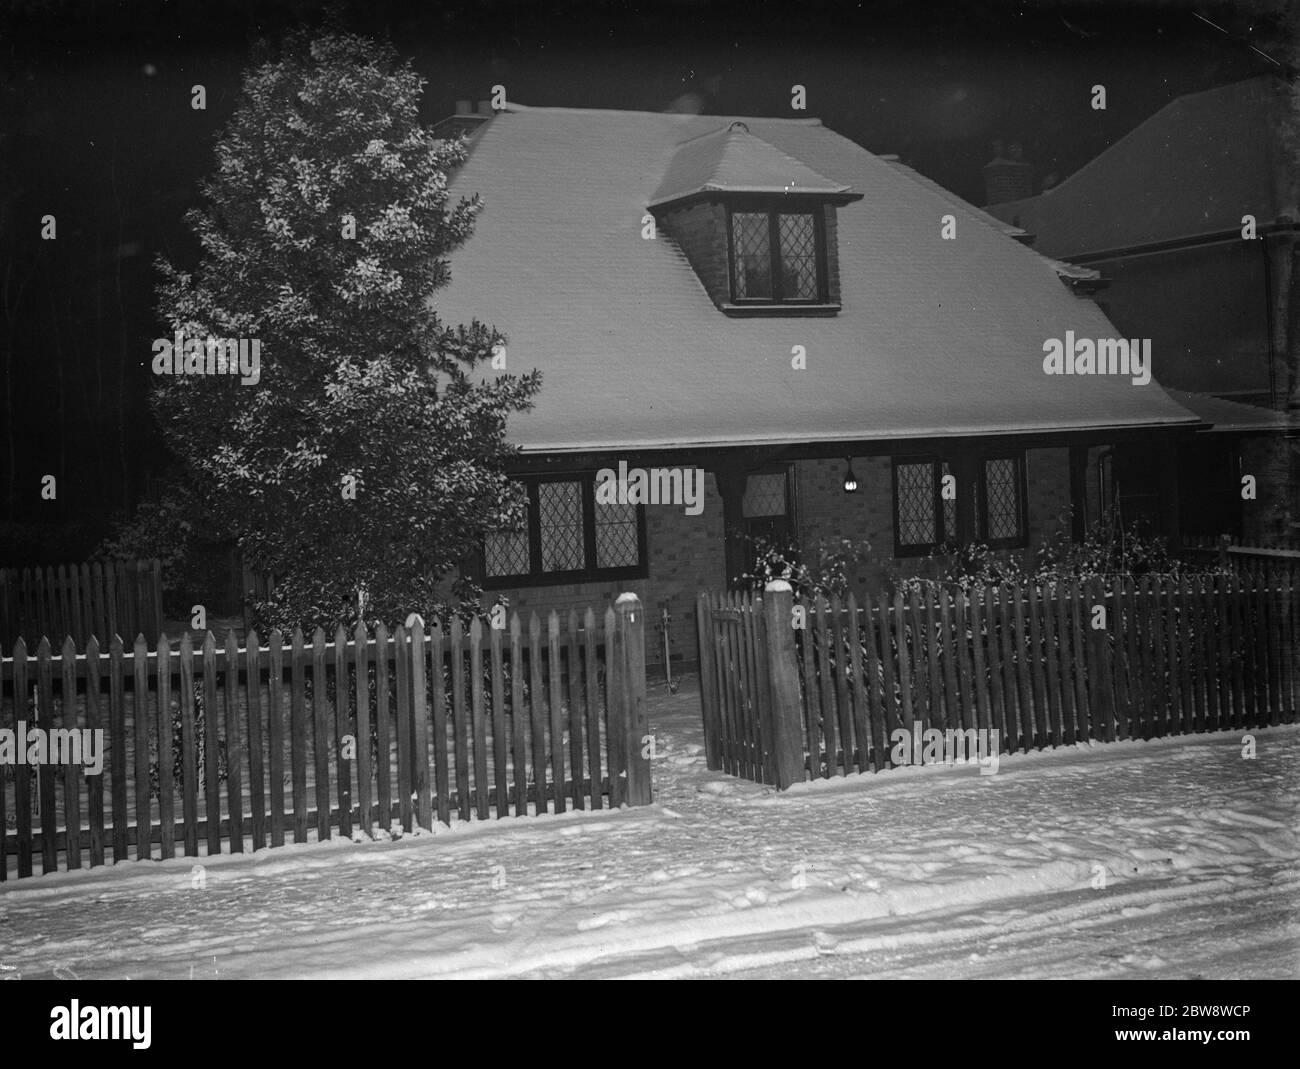 La Casa , nr 1 en Birchwood Avenue , Sidcup , Kent , cubierta de nieve. Diciembre 1938 Foto de stock